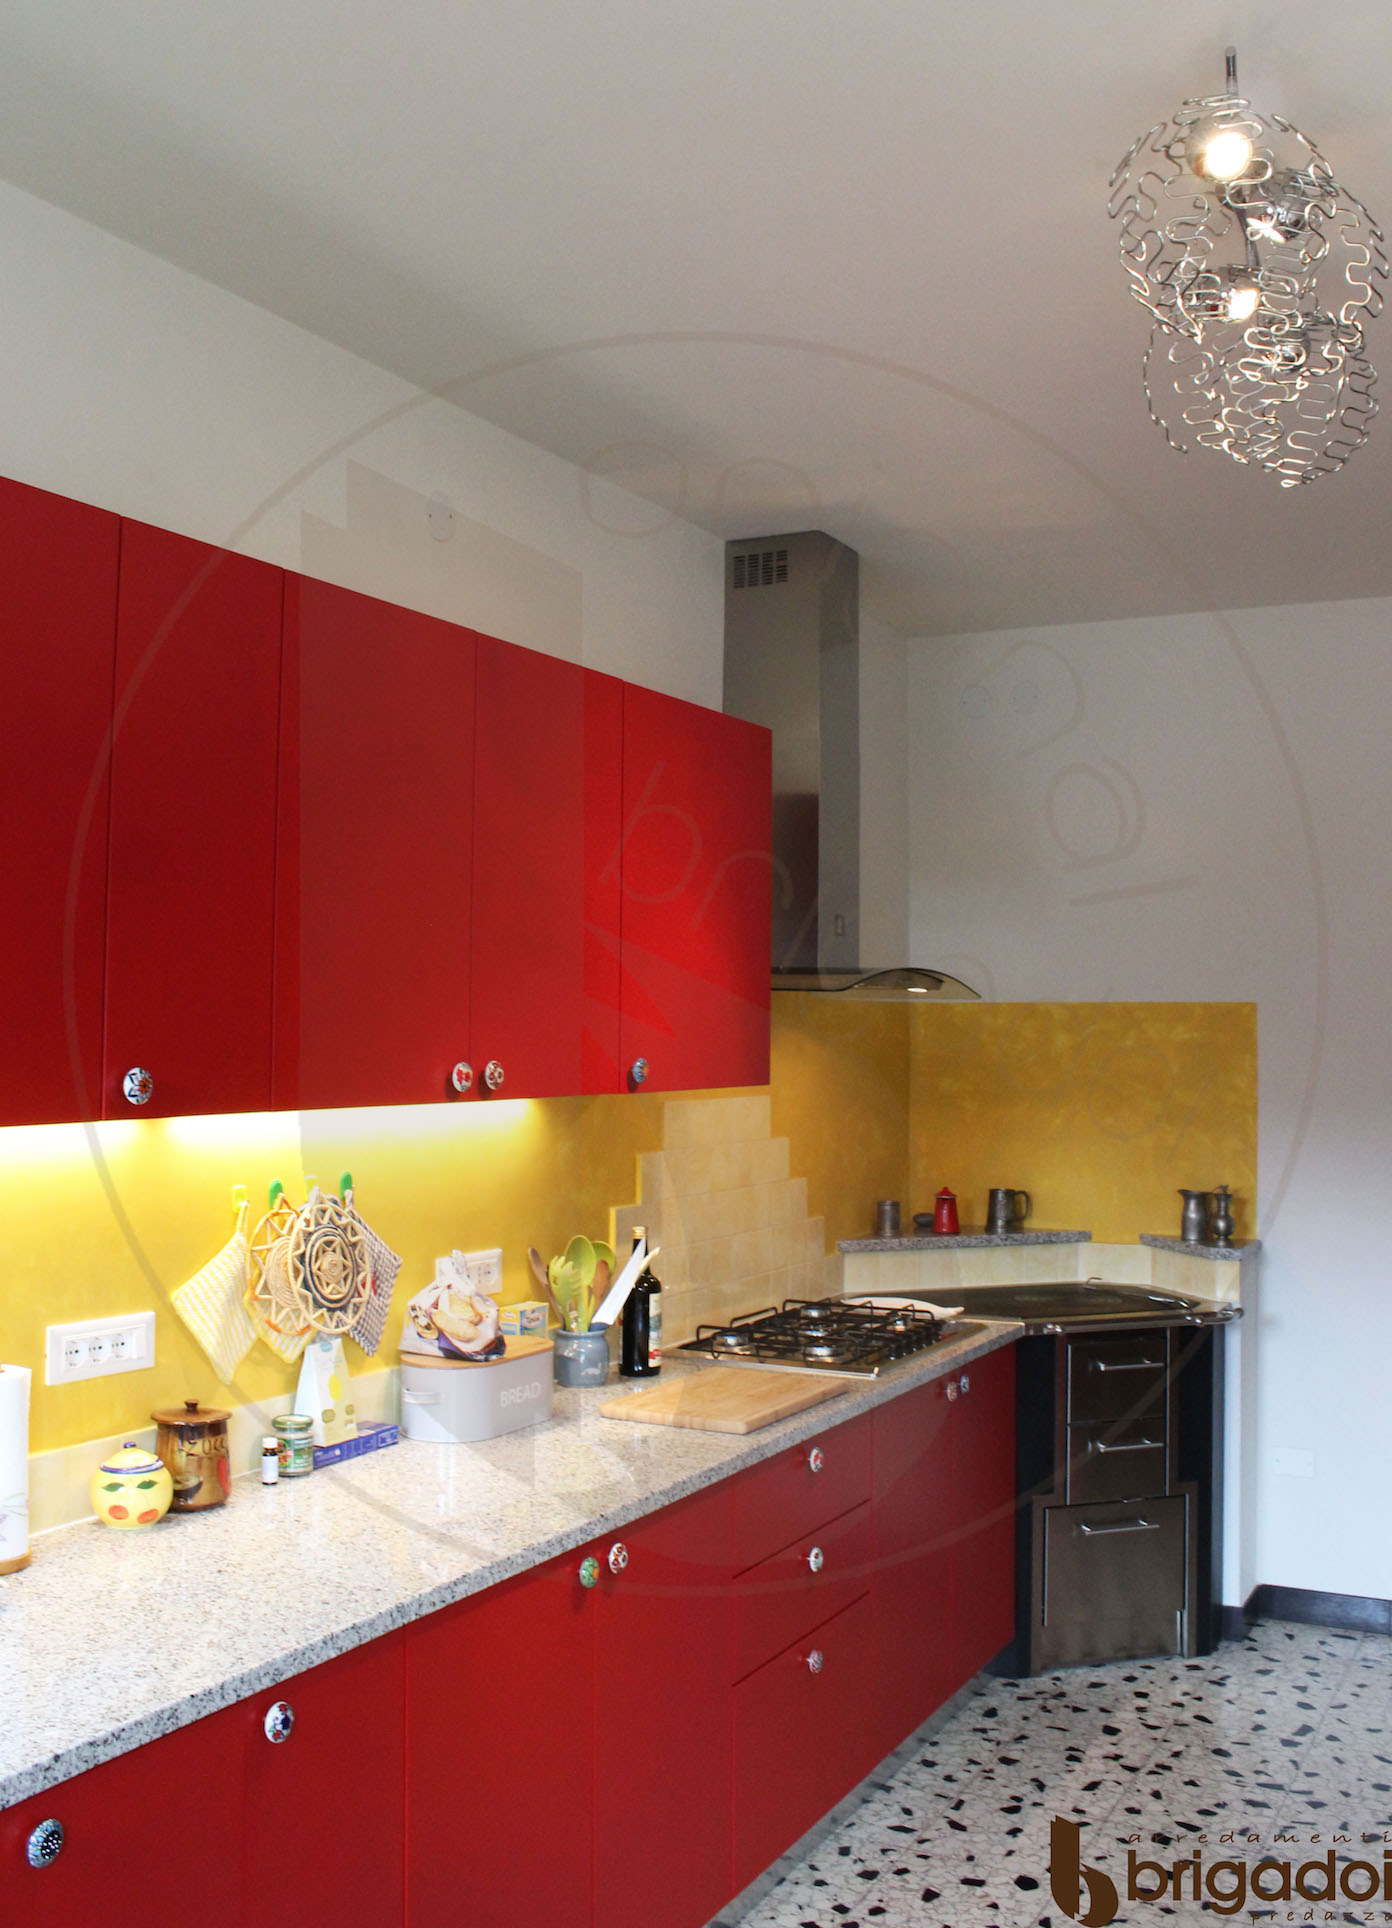 cucina moderna arredamenti brigadoi falegnameria val di fiemme trentino